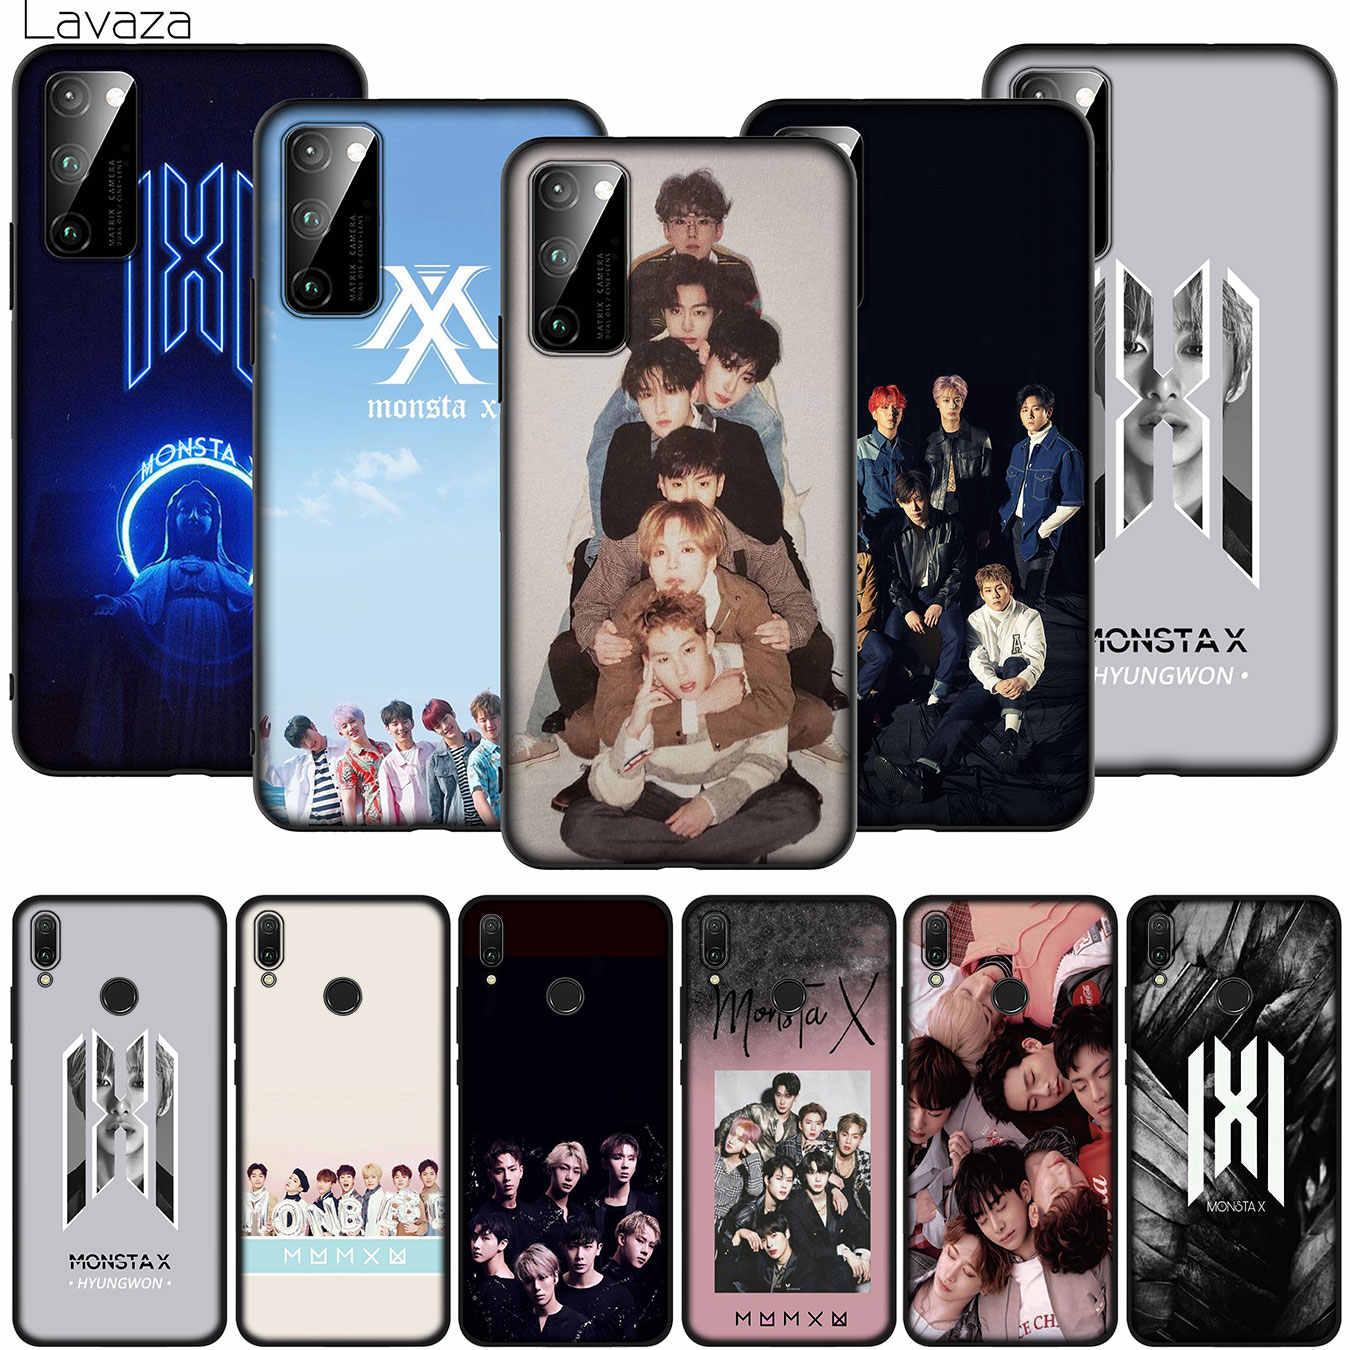 Ateez Kpop Cứng Ốp Lưng Điện Thoại Iphone XR X XS 11 Pro Max 10 7 8 6 6S 5 5 5S SE 4S 4